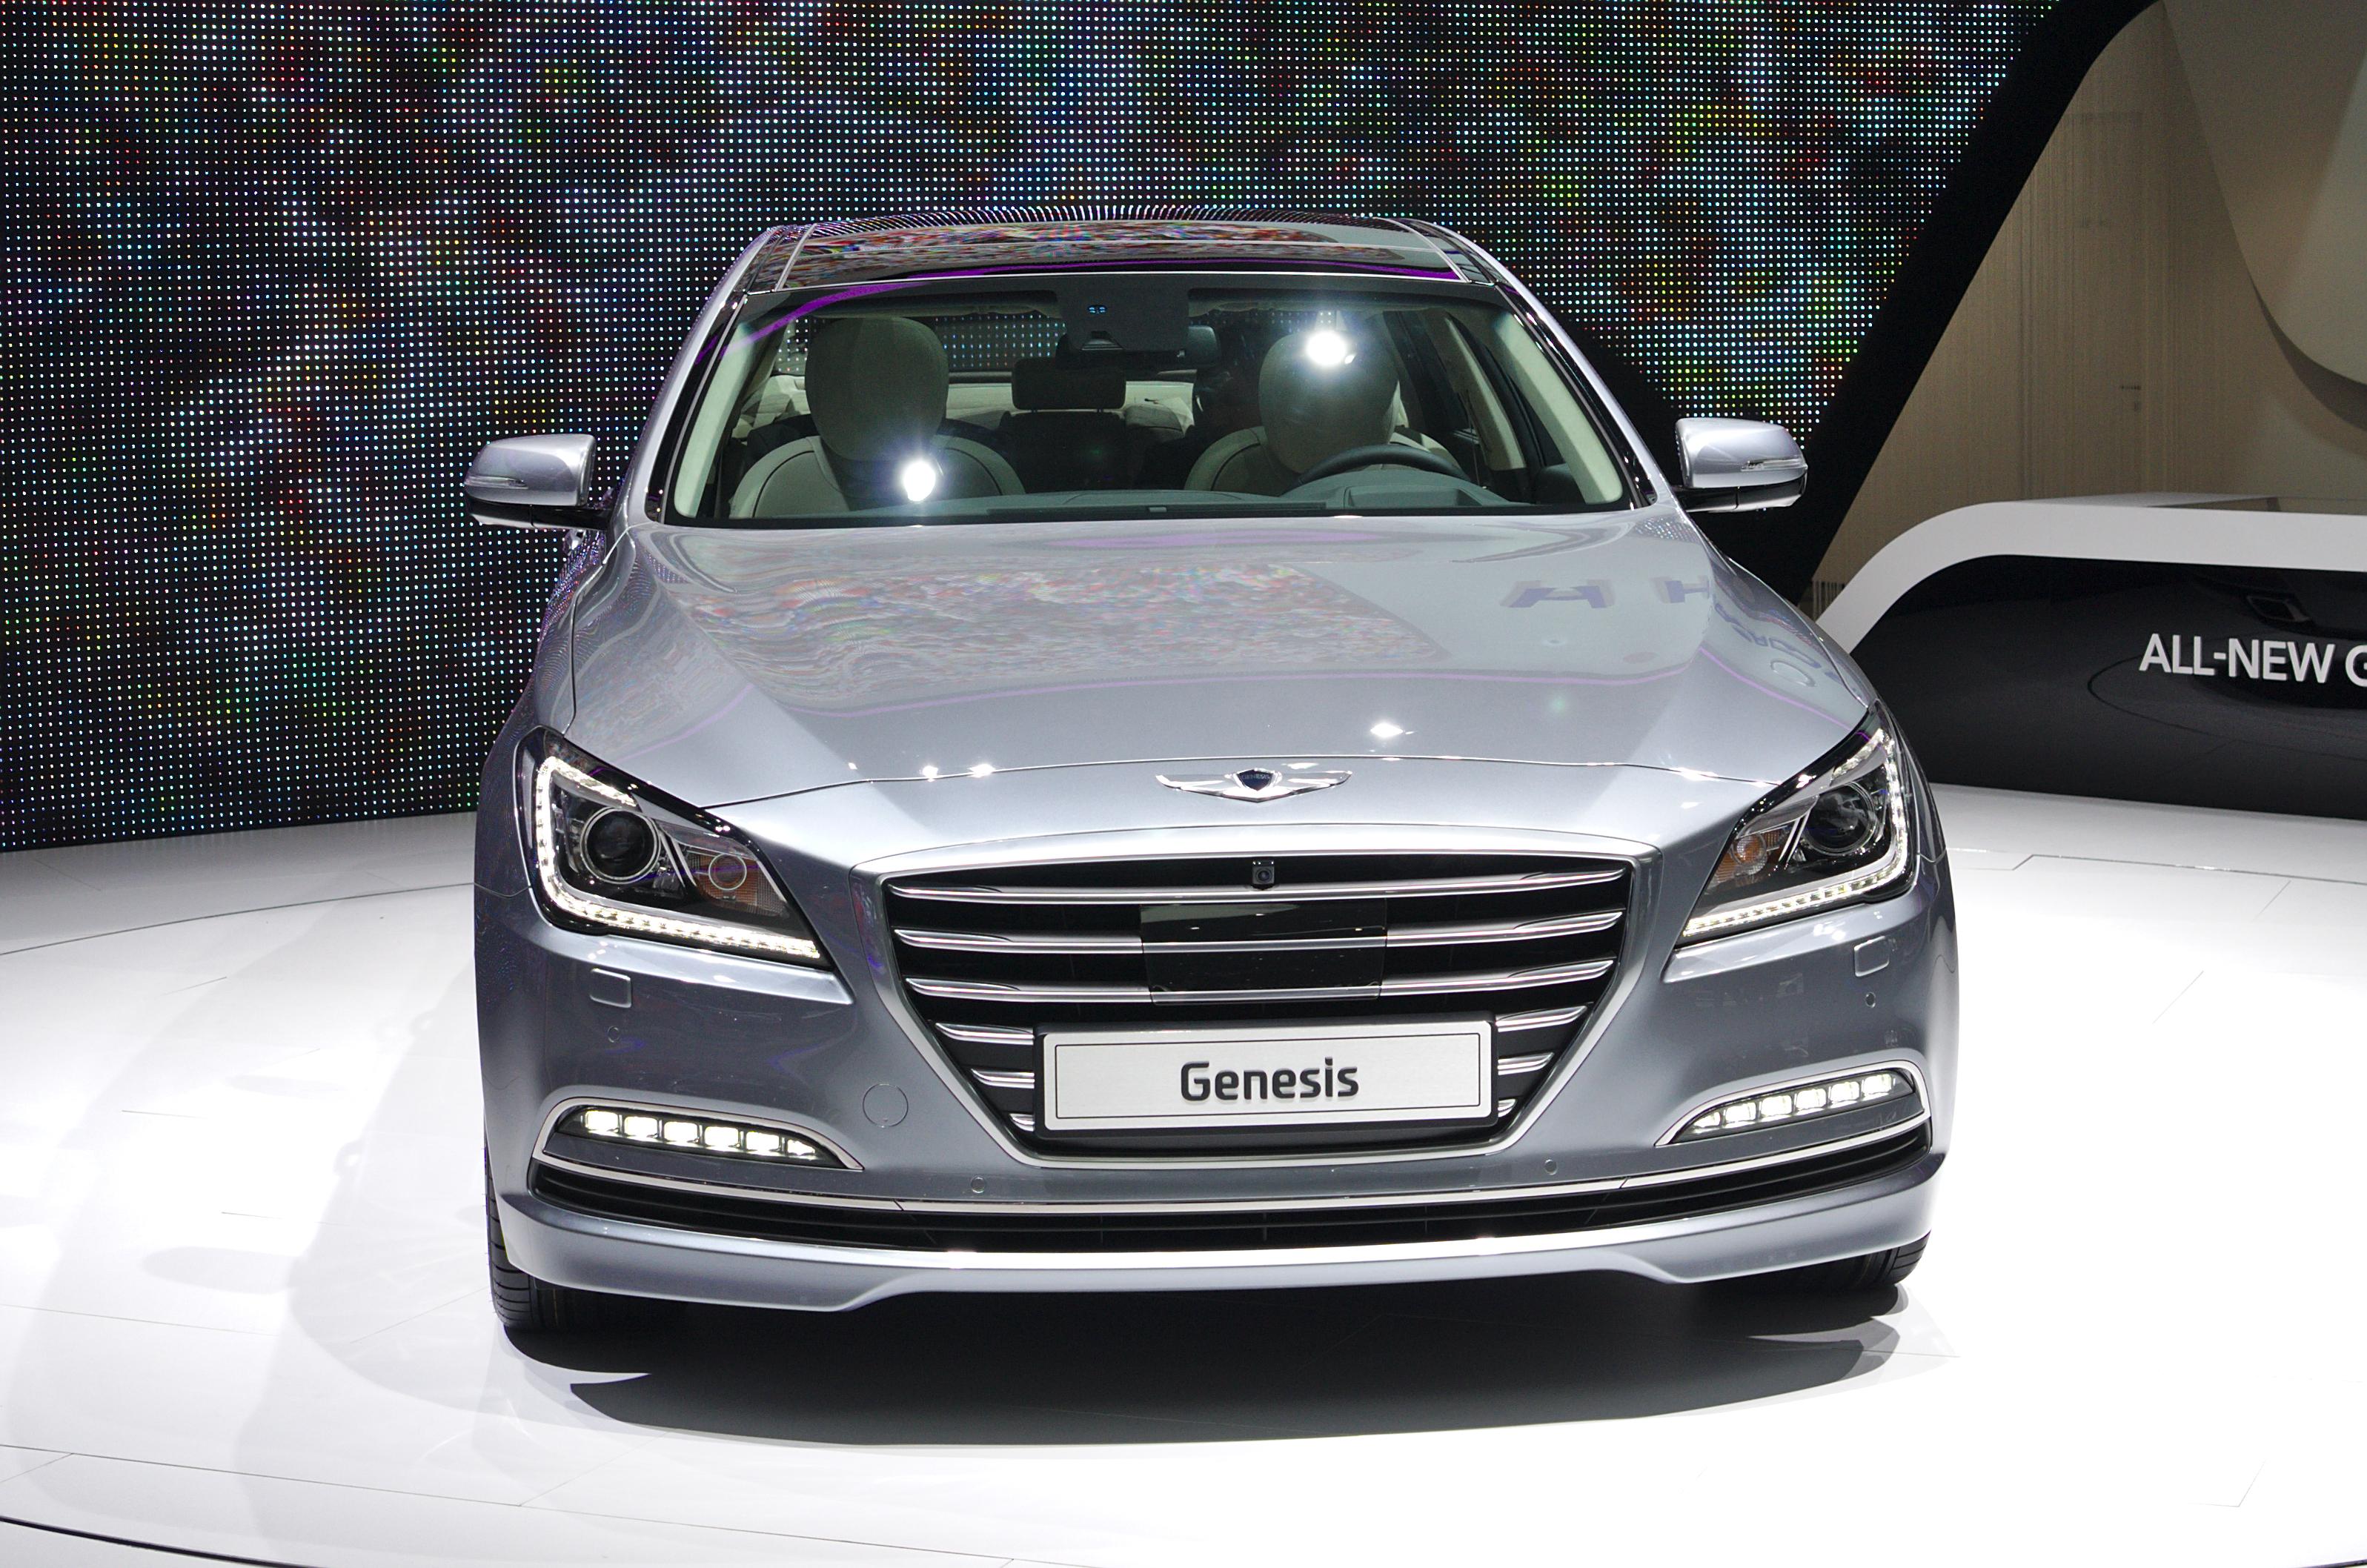 Depiction of Hyundai Genesis